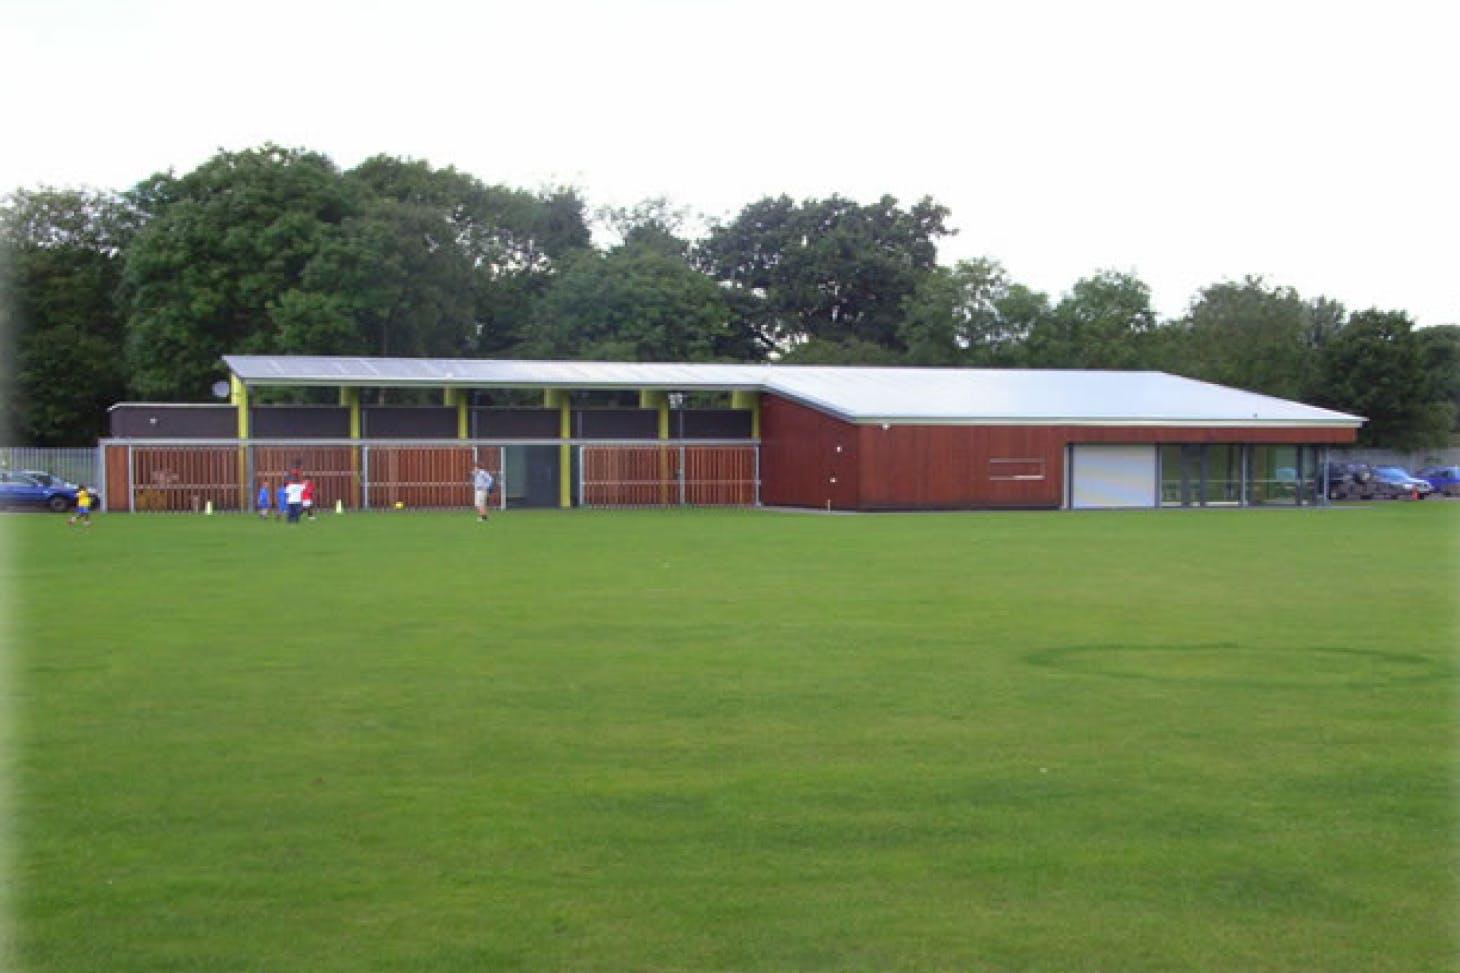 Ten Em Bee Sports Development Centre 5 a side | 3G Astroturf football pitch